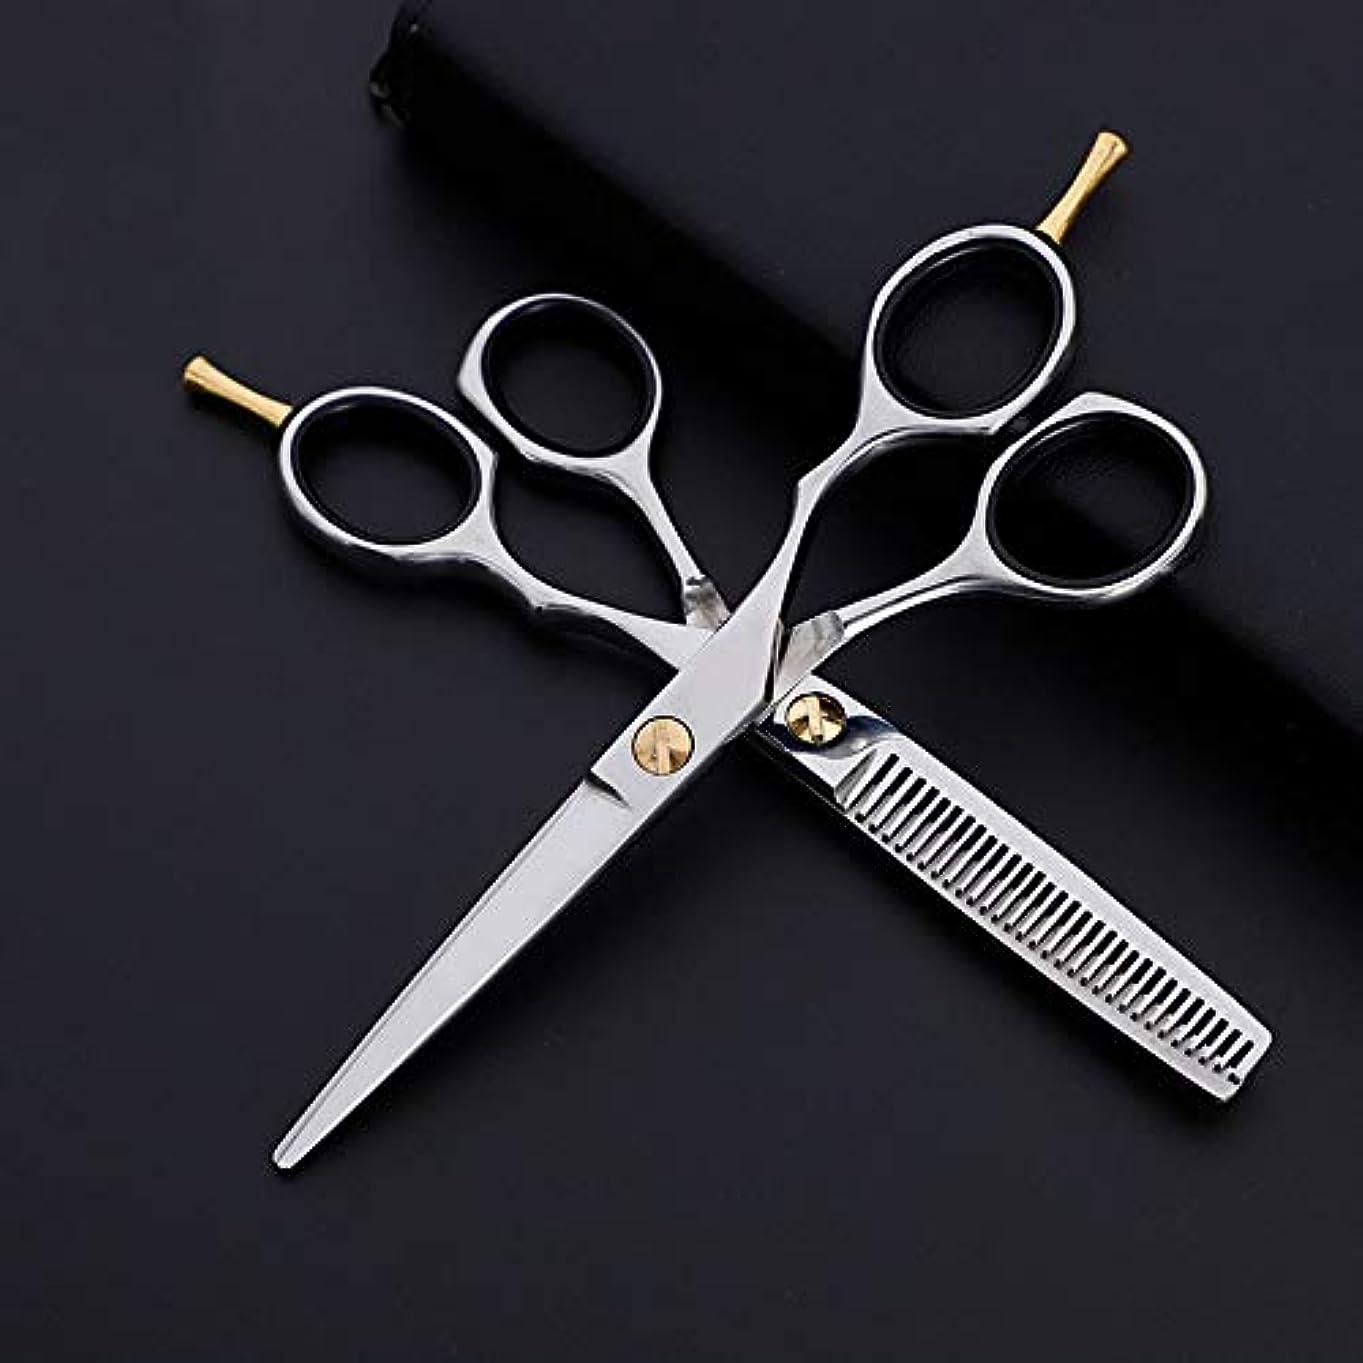 疼痛暴露召集するWASAIO サロンレイザーエッジ髪のクリッピングせん断美容専門の理髪セットプレーン+歯はさみクラシック6インチハンドル (色 : Silver)